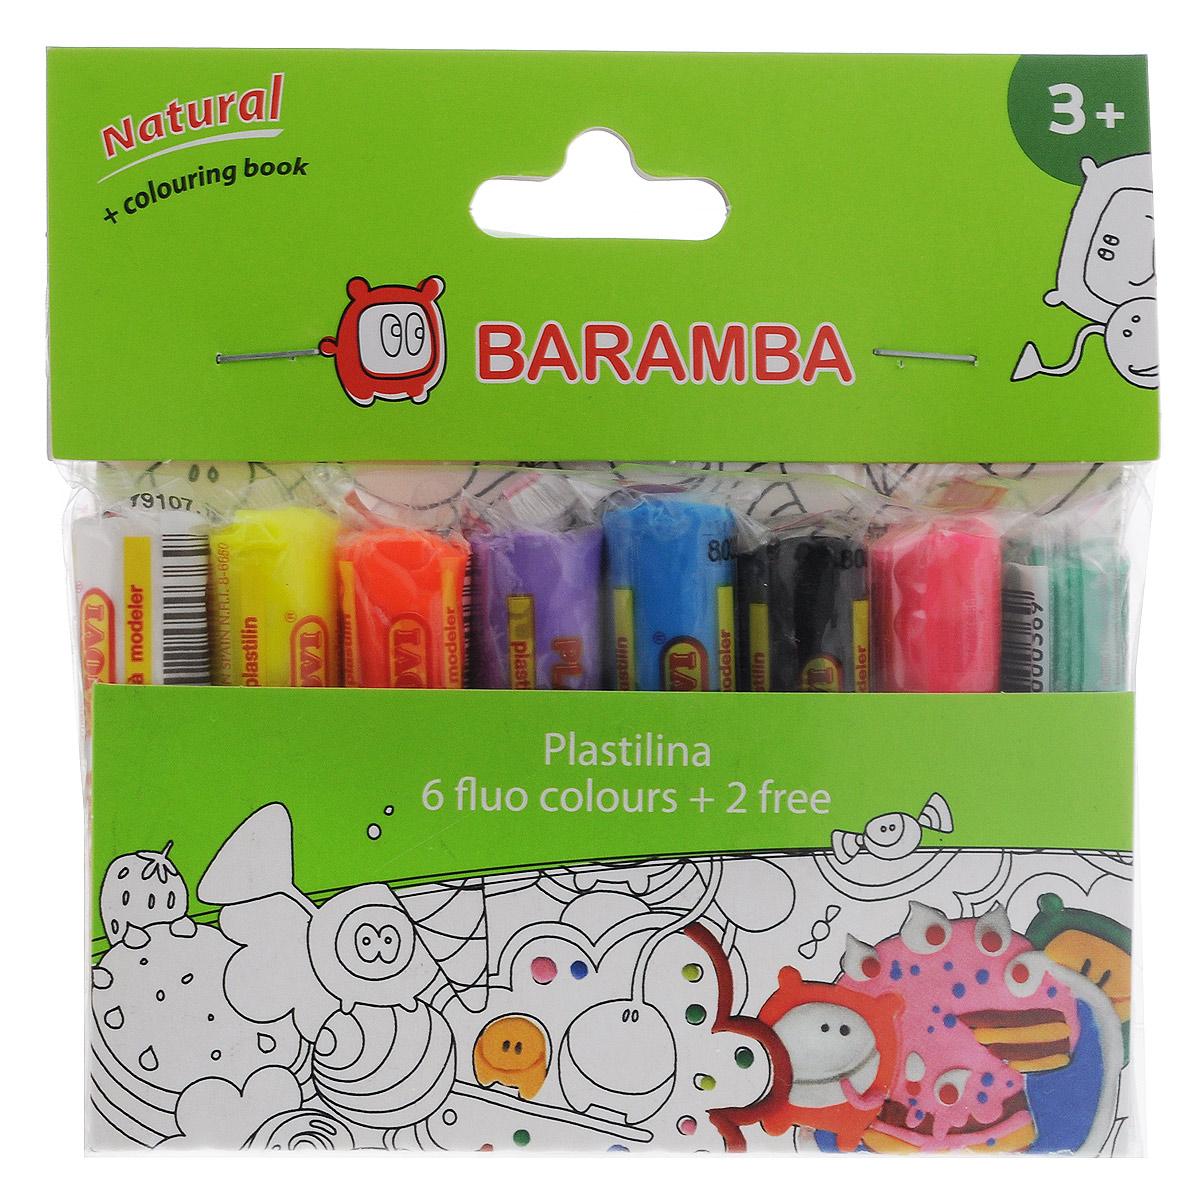 """Пластилин на натуральной основе """"Baramba"""", с пищевыми красителями, 8 флоурисцветных цветов"""